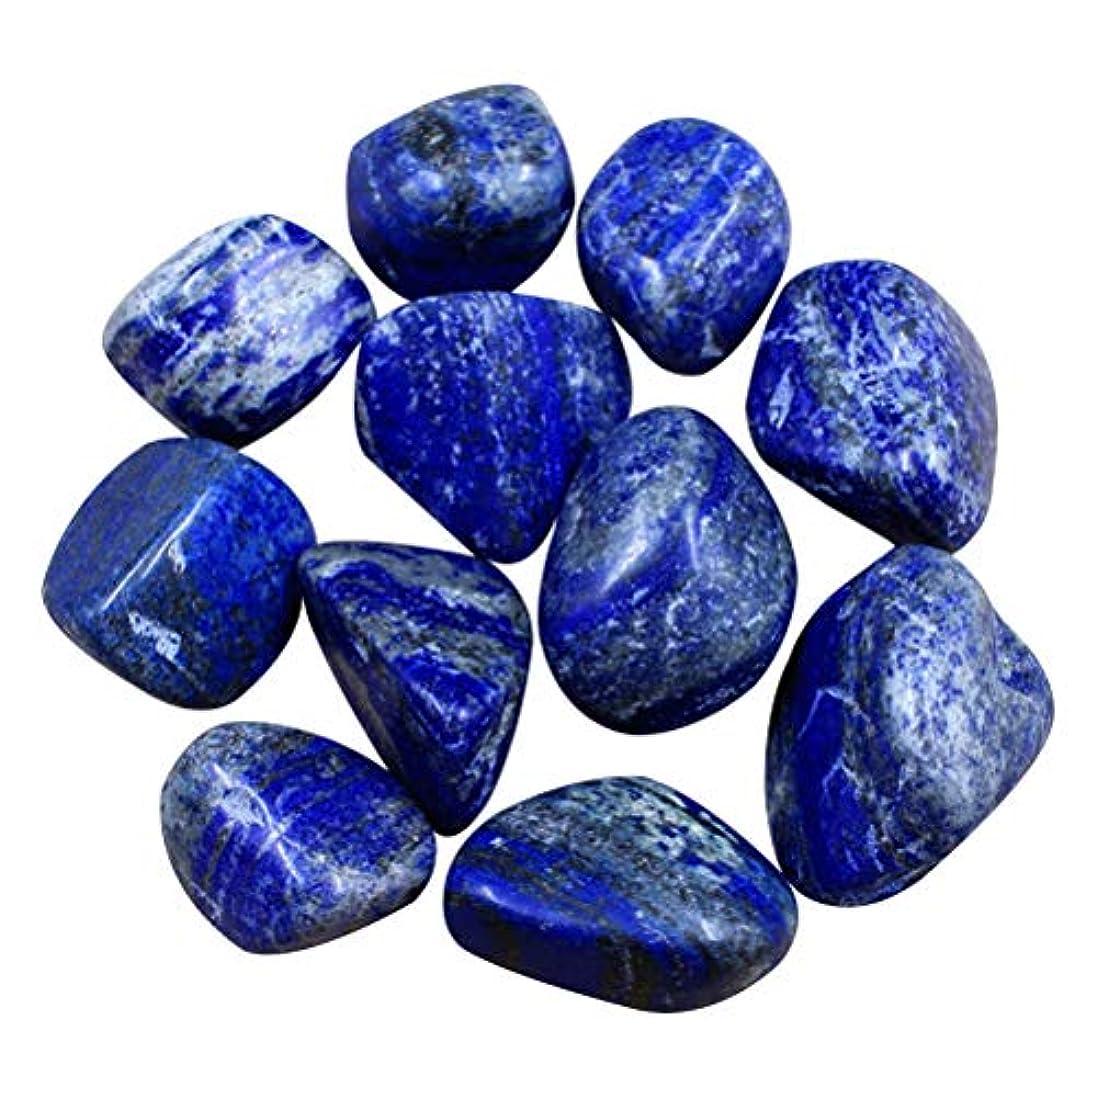 太い暗い科学者SUPVOX 10個の天然石石落ち石の癒しReikiクリスタルジュエリー自然の岩ホームデコレーション花瓶植物を作る